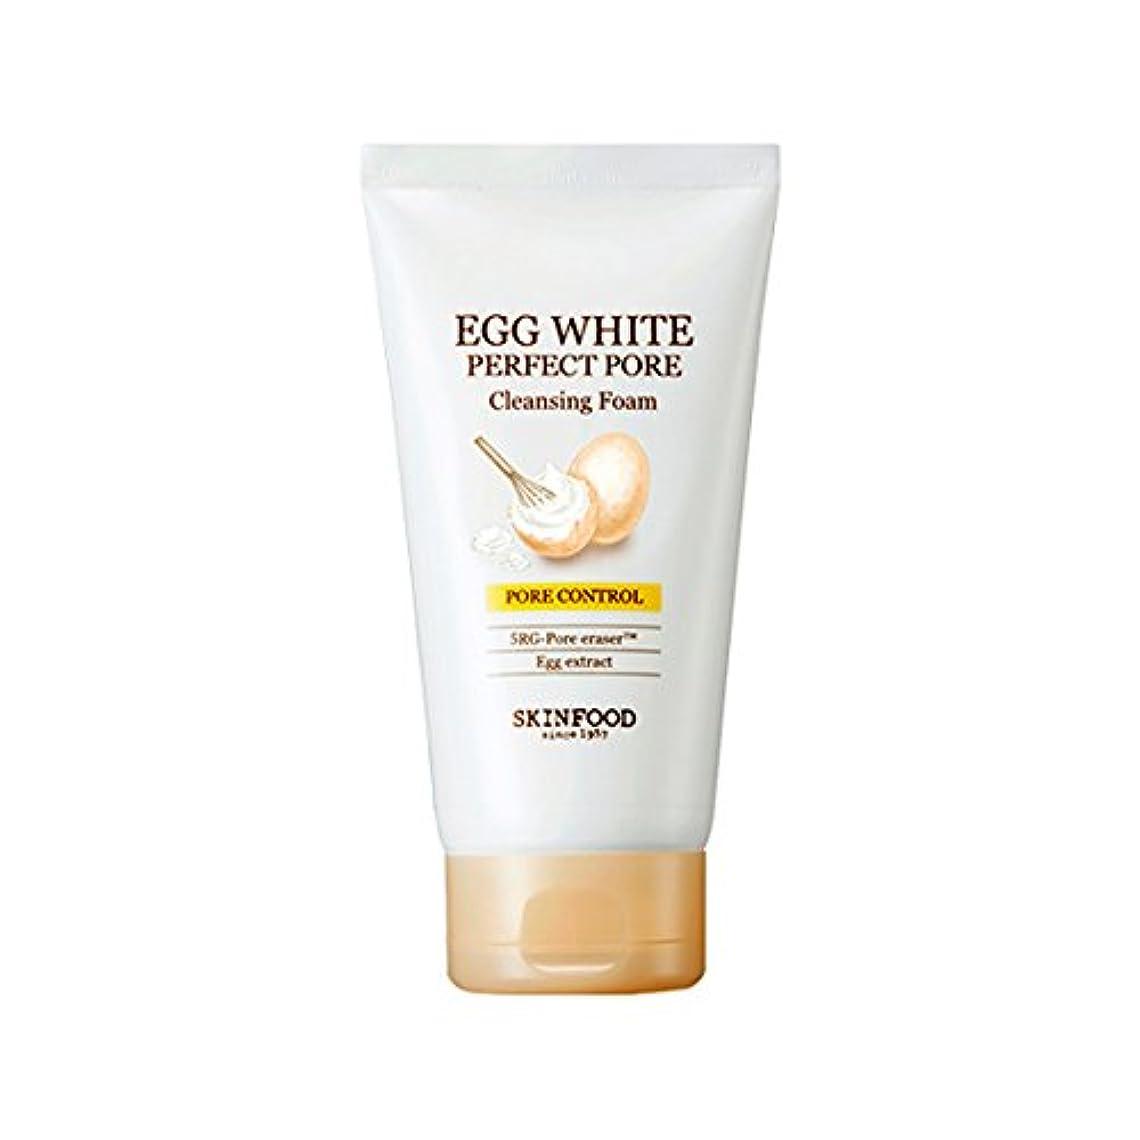 微生物瀬戸際ラベ[2017 New] SKINFOOD Egg White Perfect Pore Cleansing Foam 150ml/スキンフード エッグ ホワイト パーフェクト ポア クレンジング フォーム 150ml [並行輸入品]